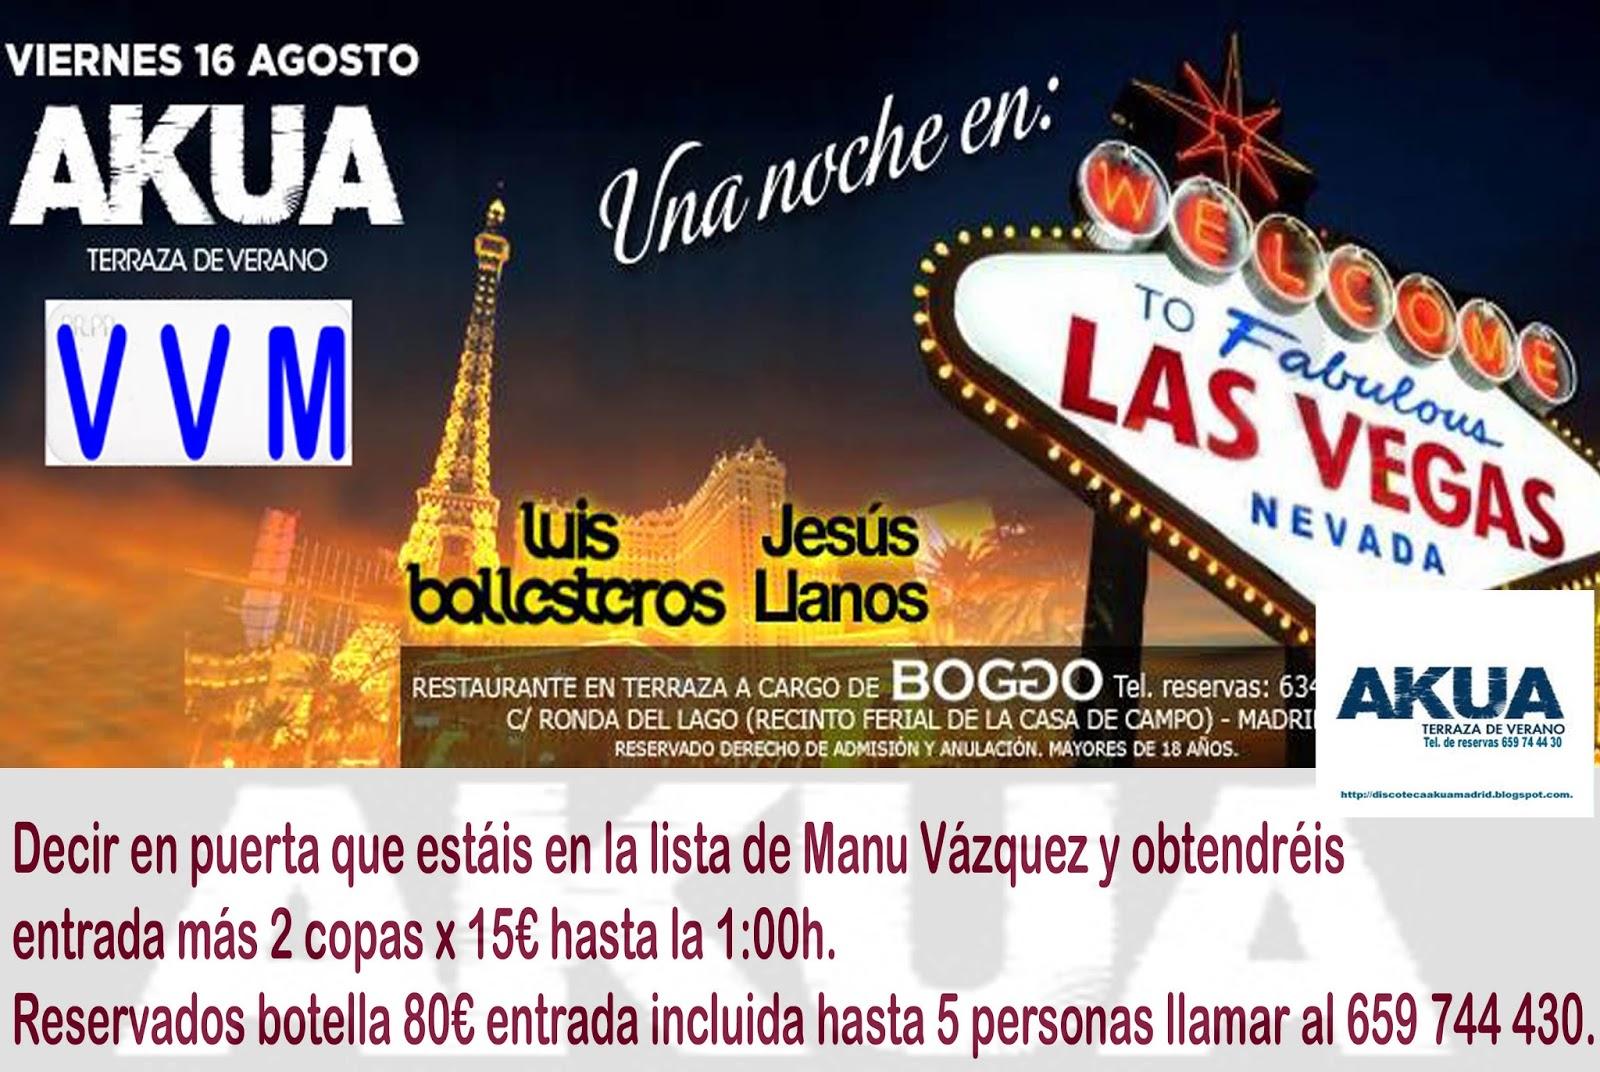 Rr Pp Discoteca Terraza Akua Madrid Akua Terraza Lounge